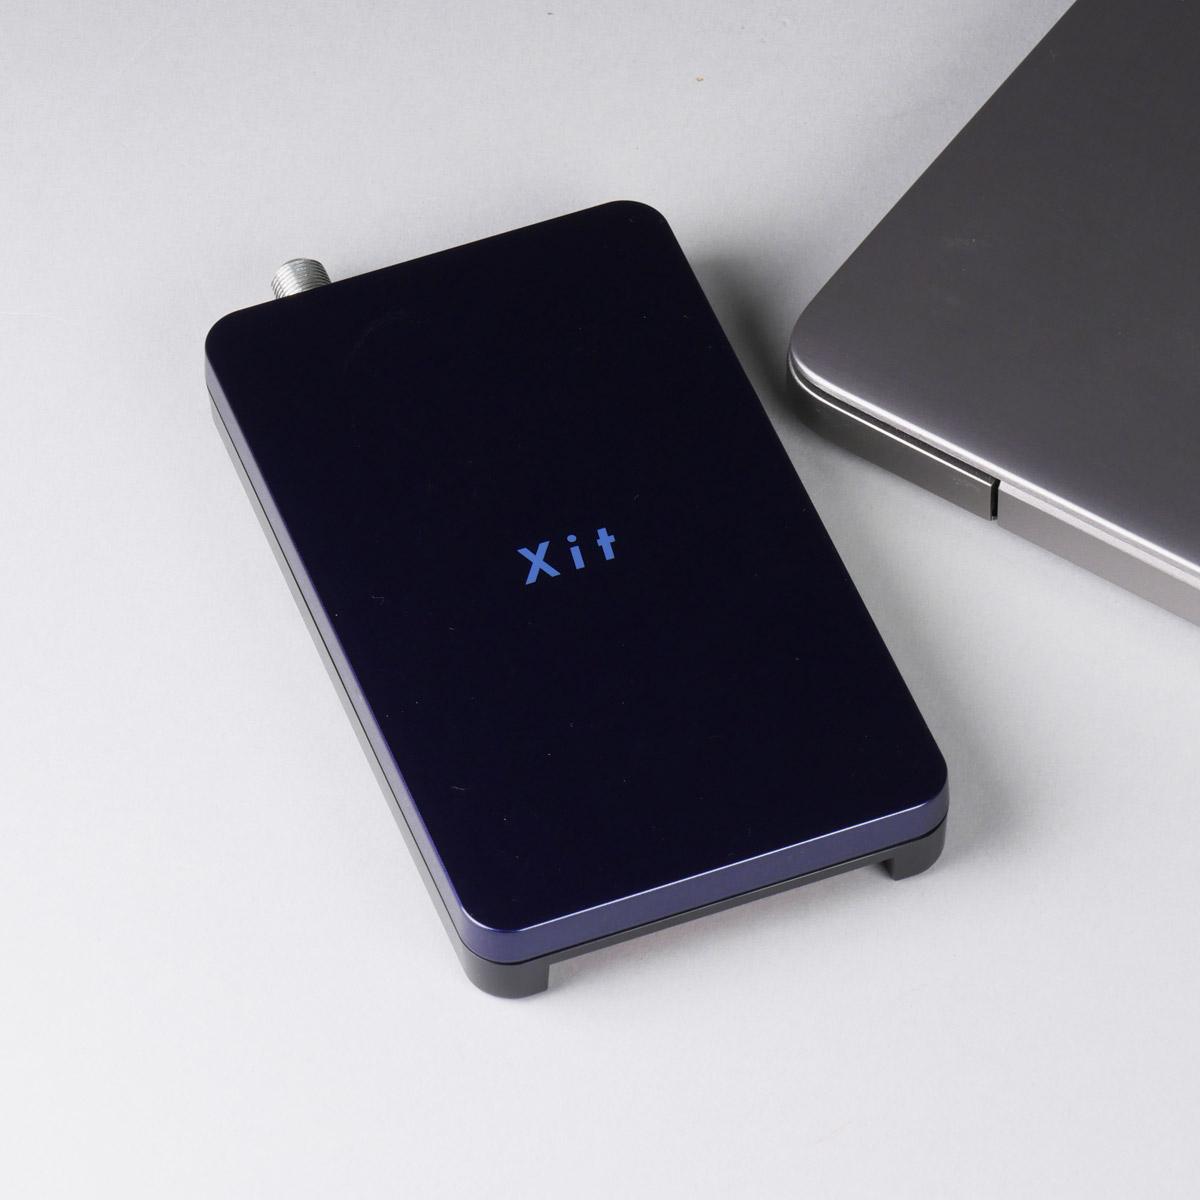 TVとレコーダーは必要なし! 3波&同時録画対応PC用TVチューナー「Xit Brick」を使ってみた